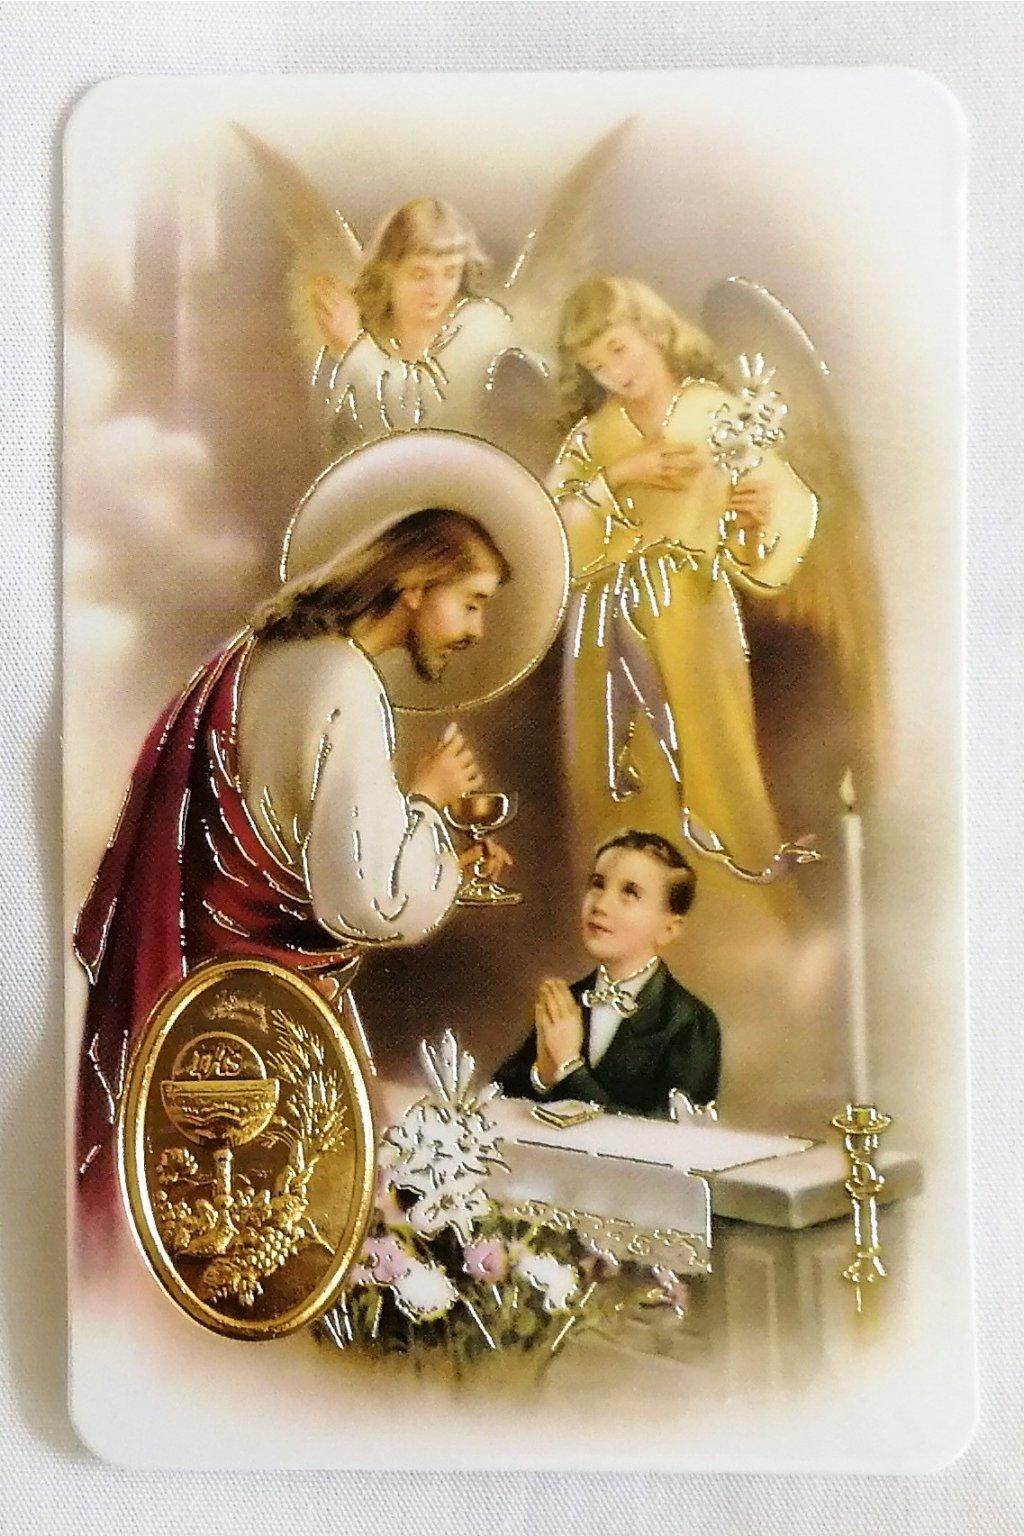 Modlitba před sv. přijímáním